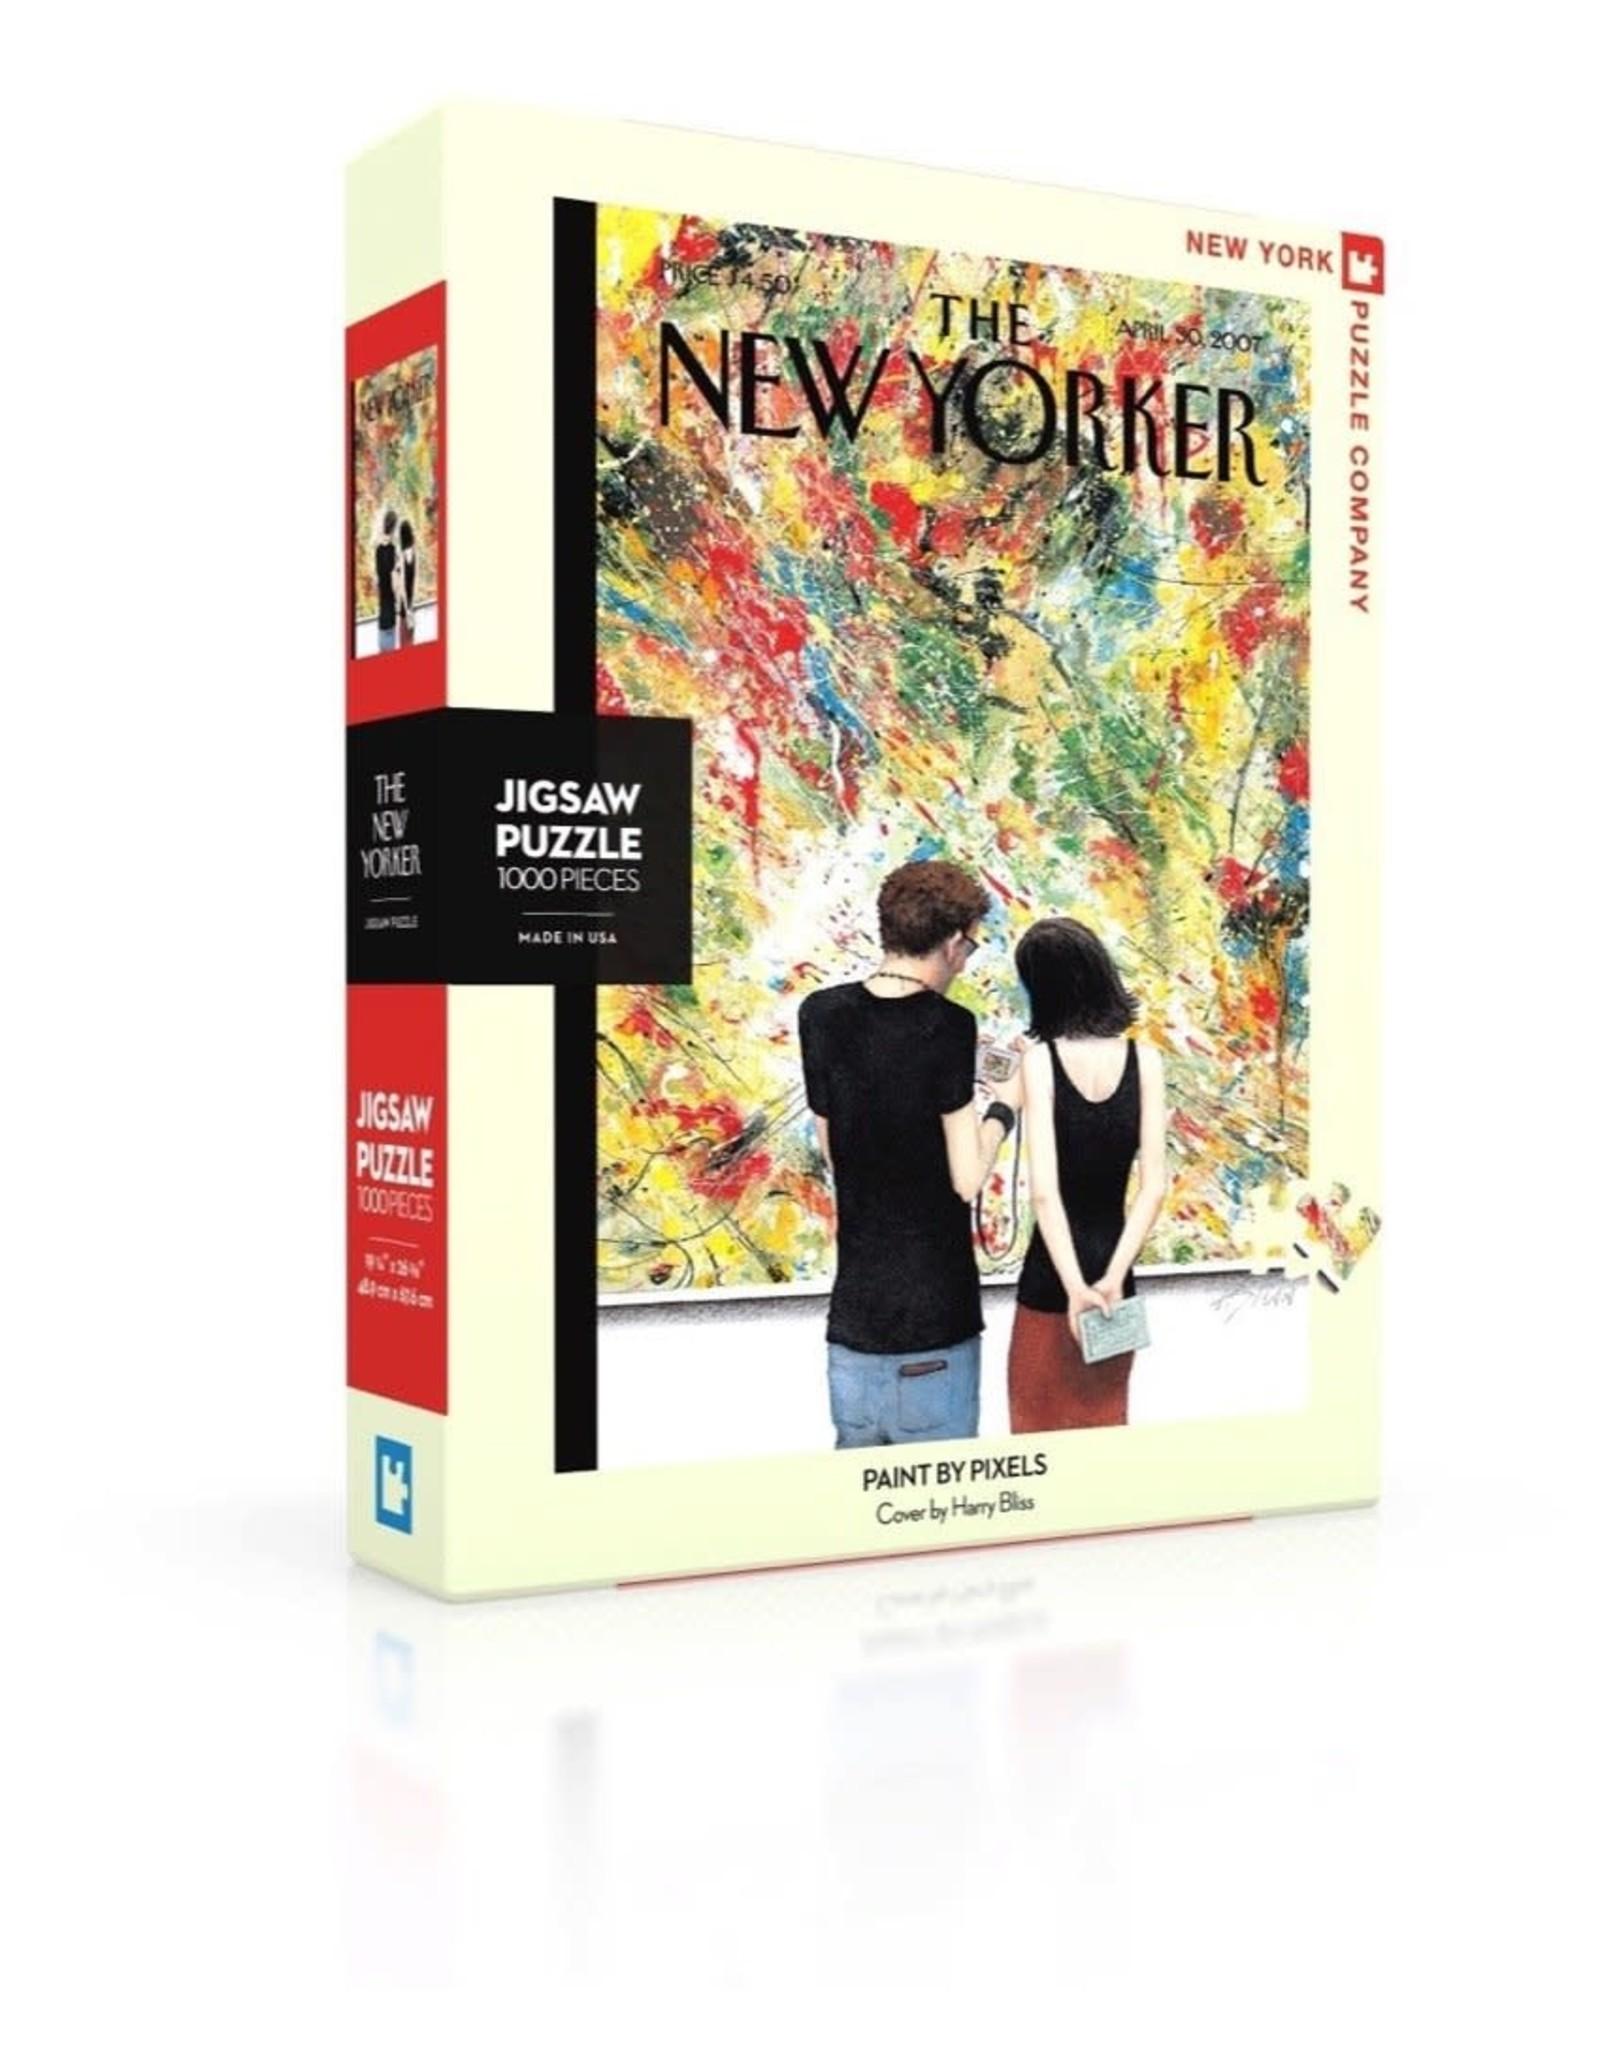 New Yorker Puzzle - Paint By Pixels